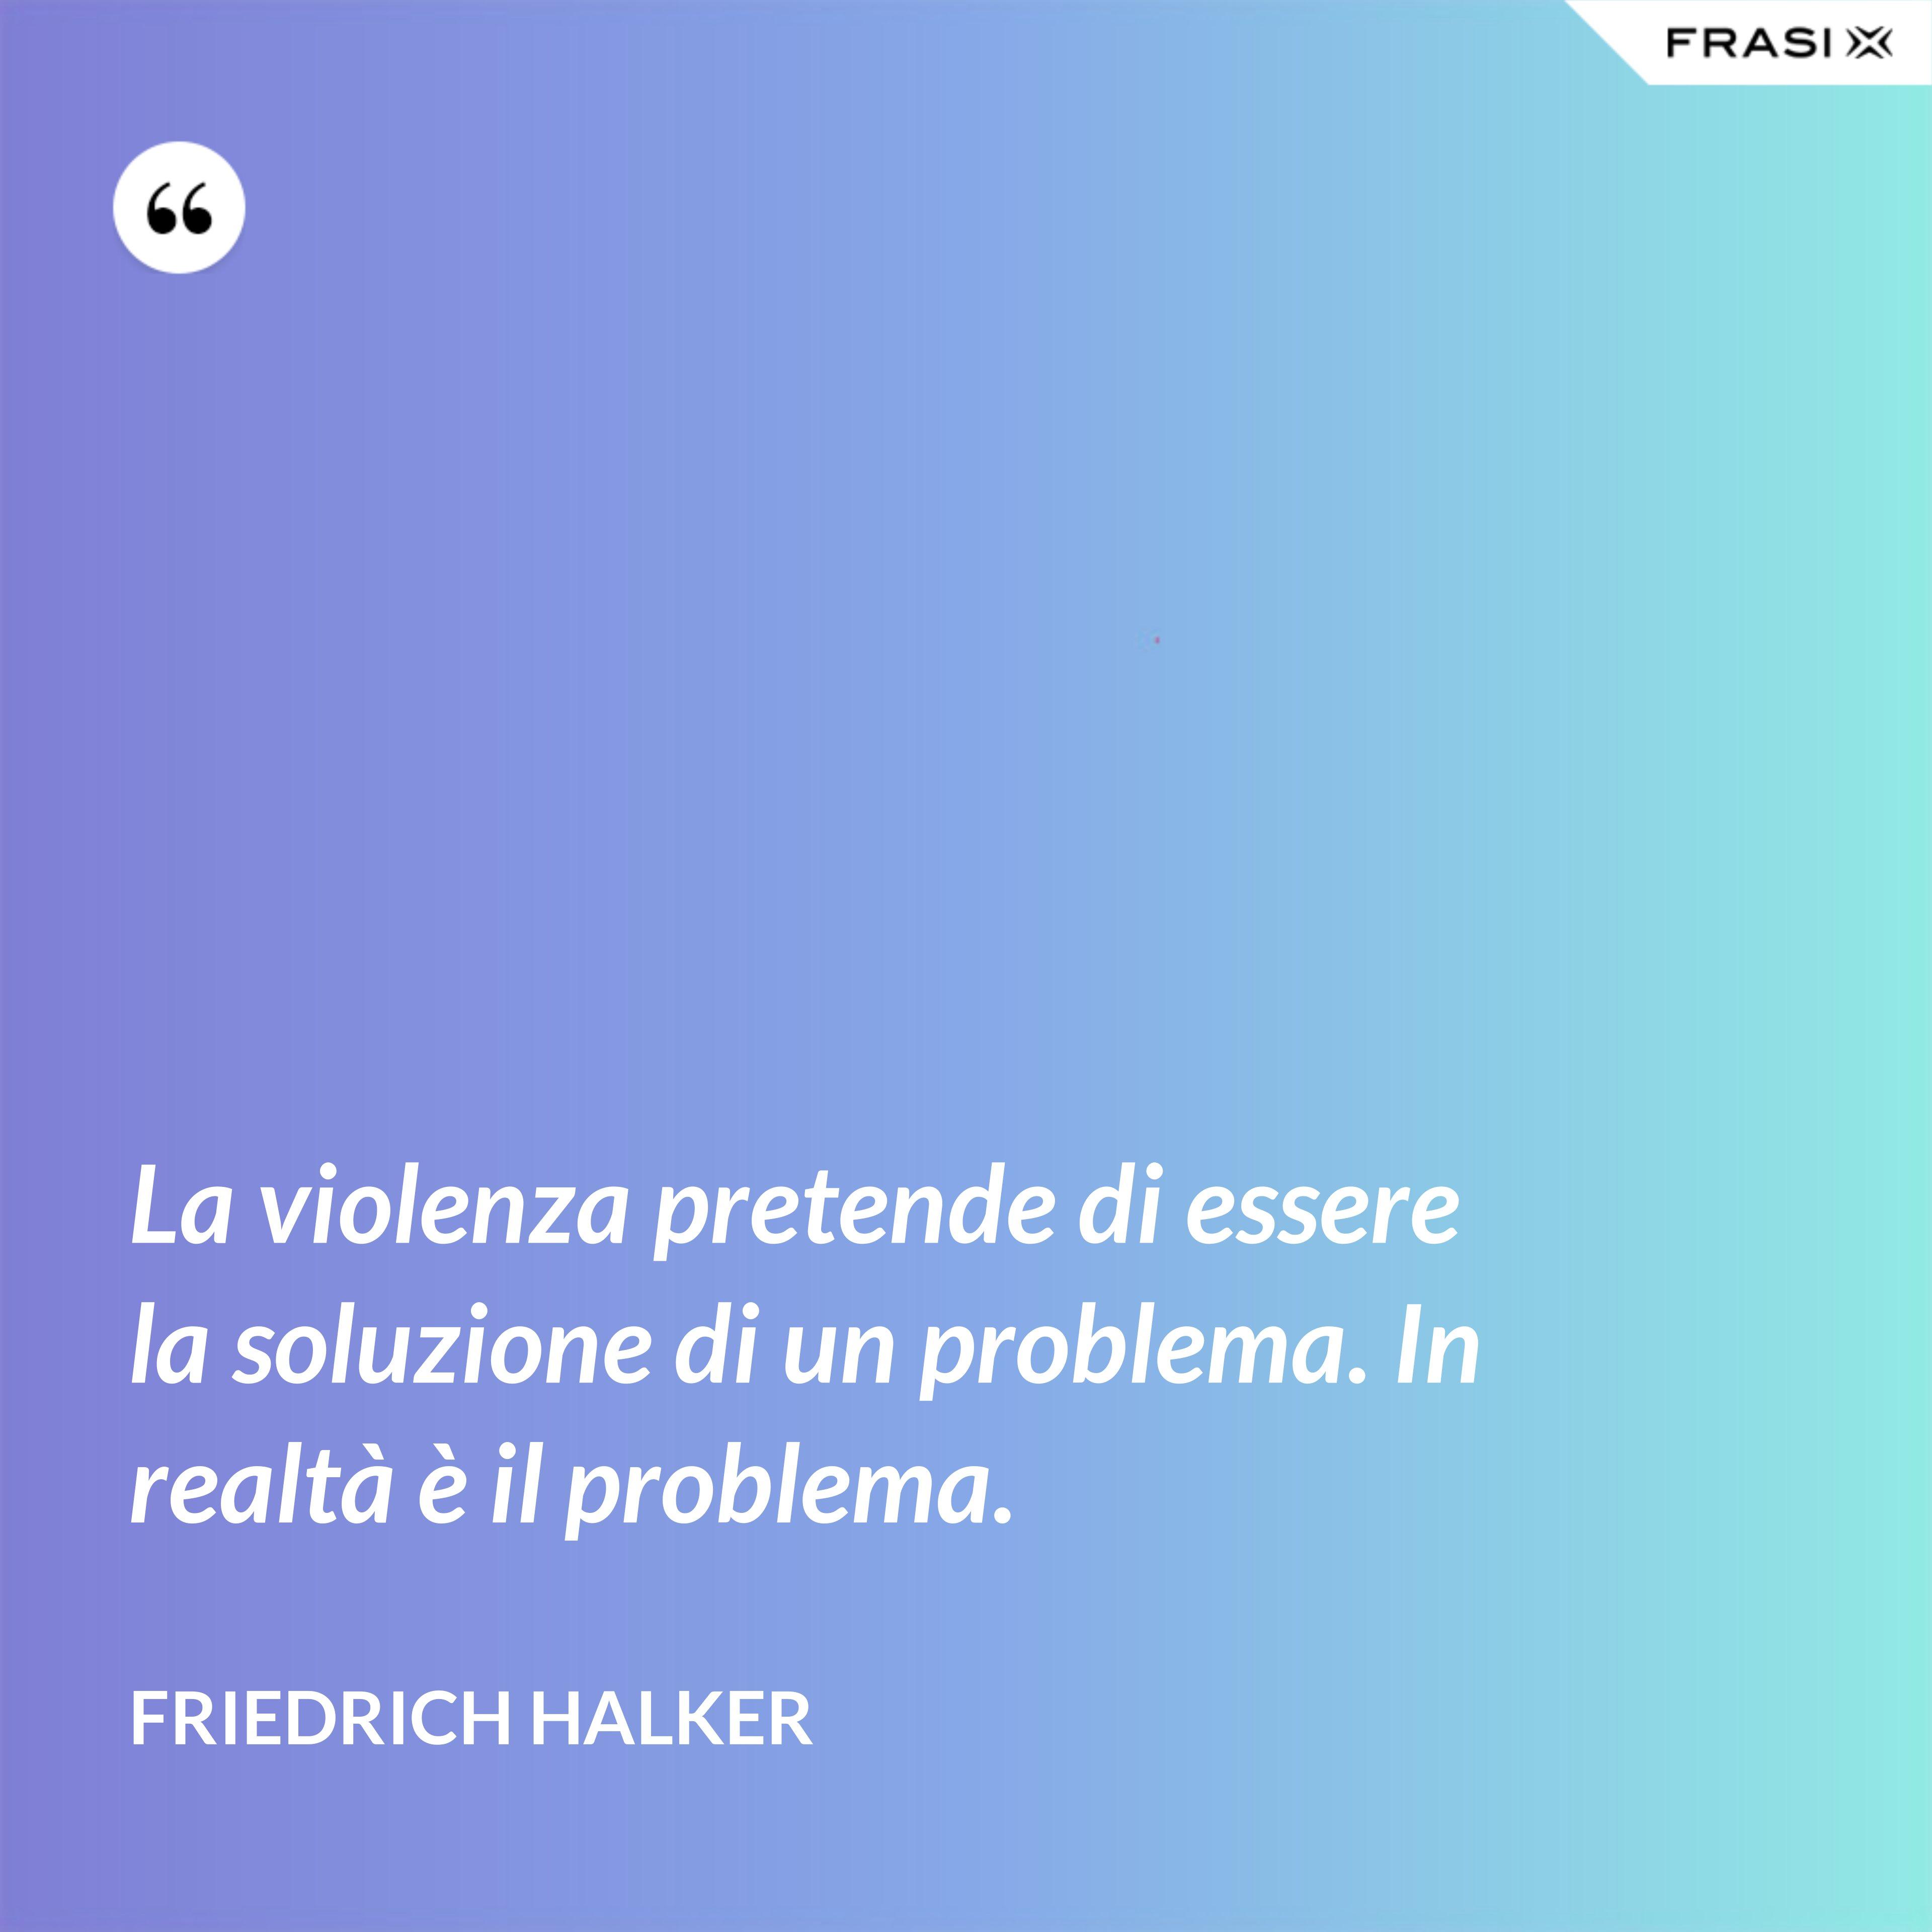 La violenza pretende di essere la soluzione di un problema. In realtà è il problema. - Friedrich Halker